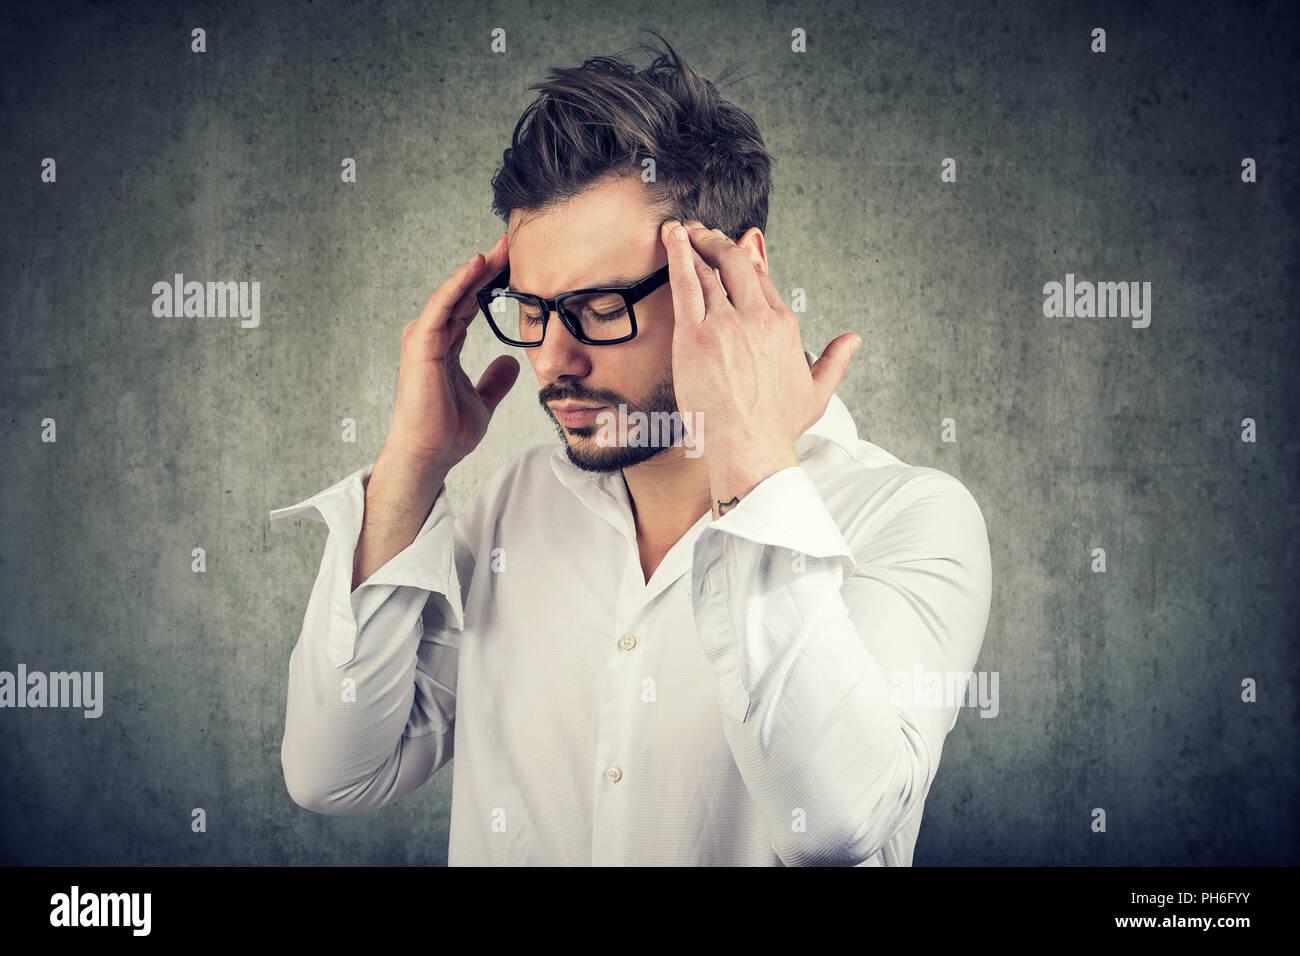 Homme adulte dans les griffes de lunettes sur les temples d'essayer de se concentrer sur la prise de décisions Photo Stock